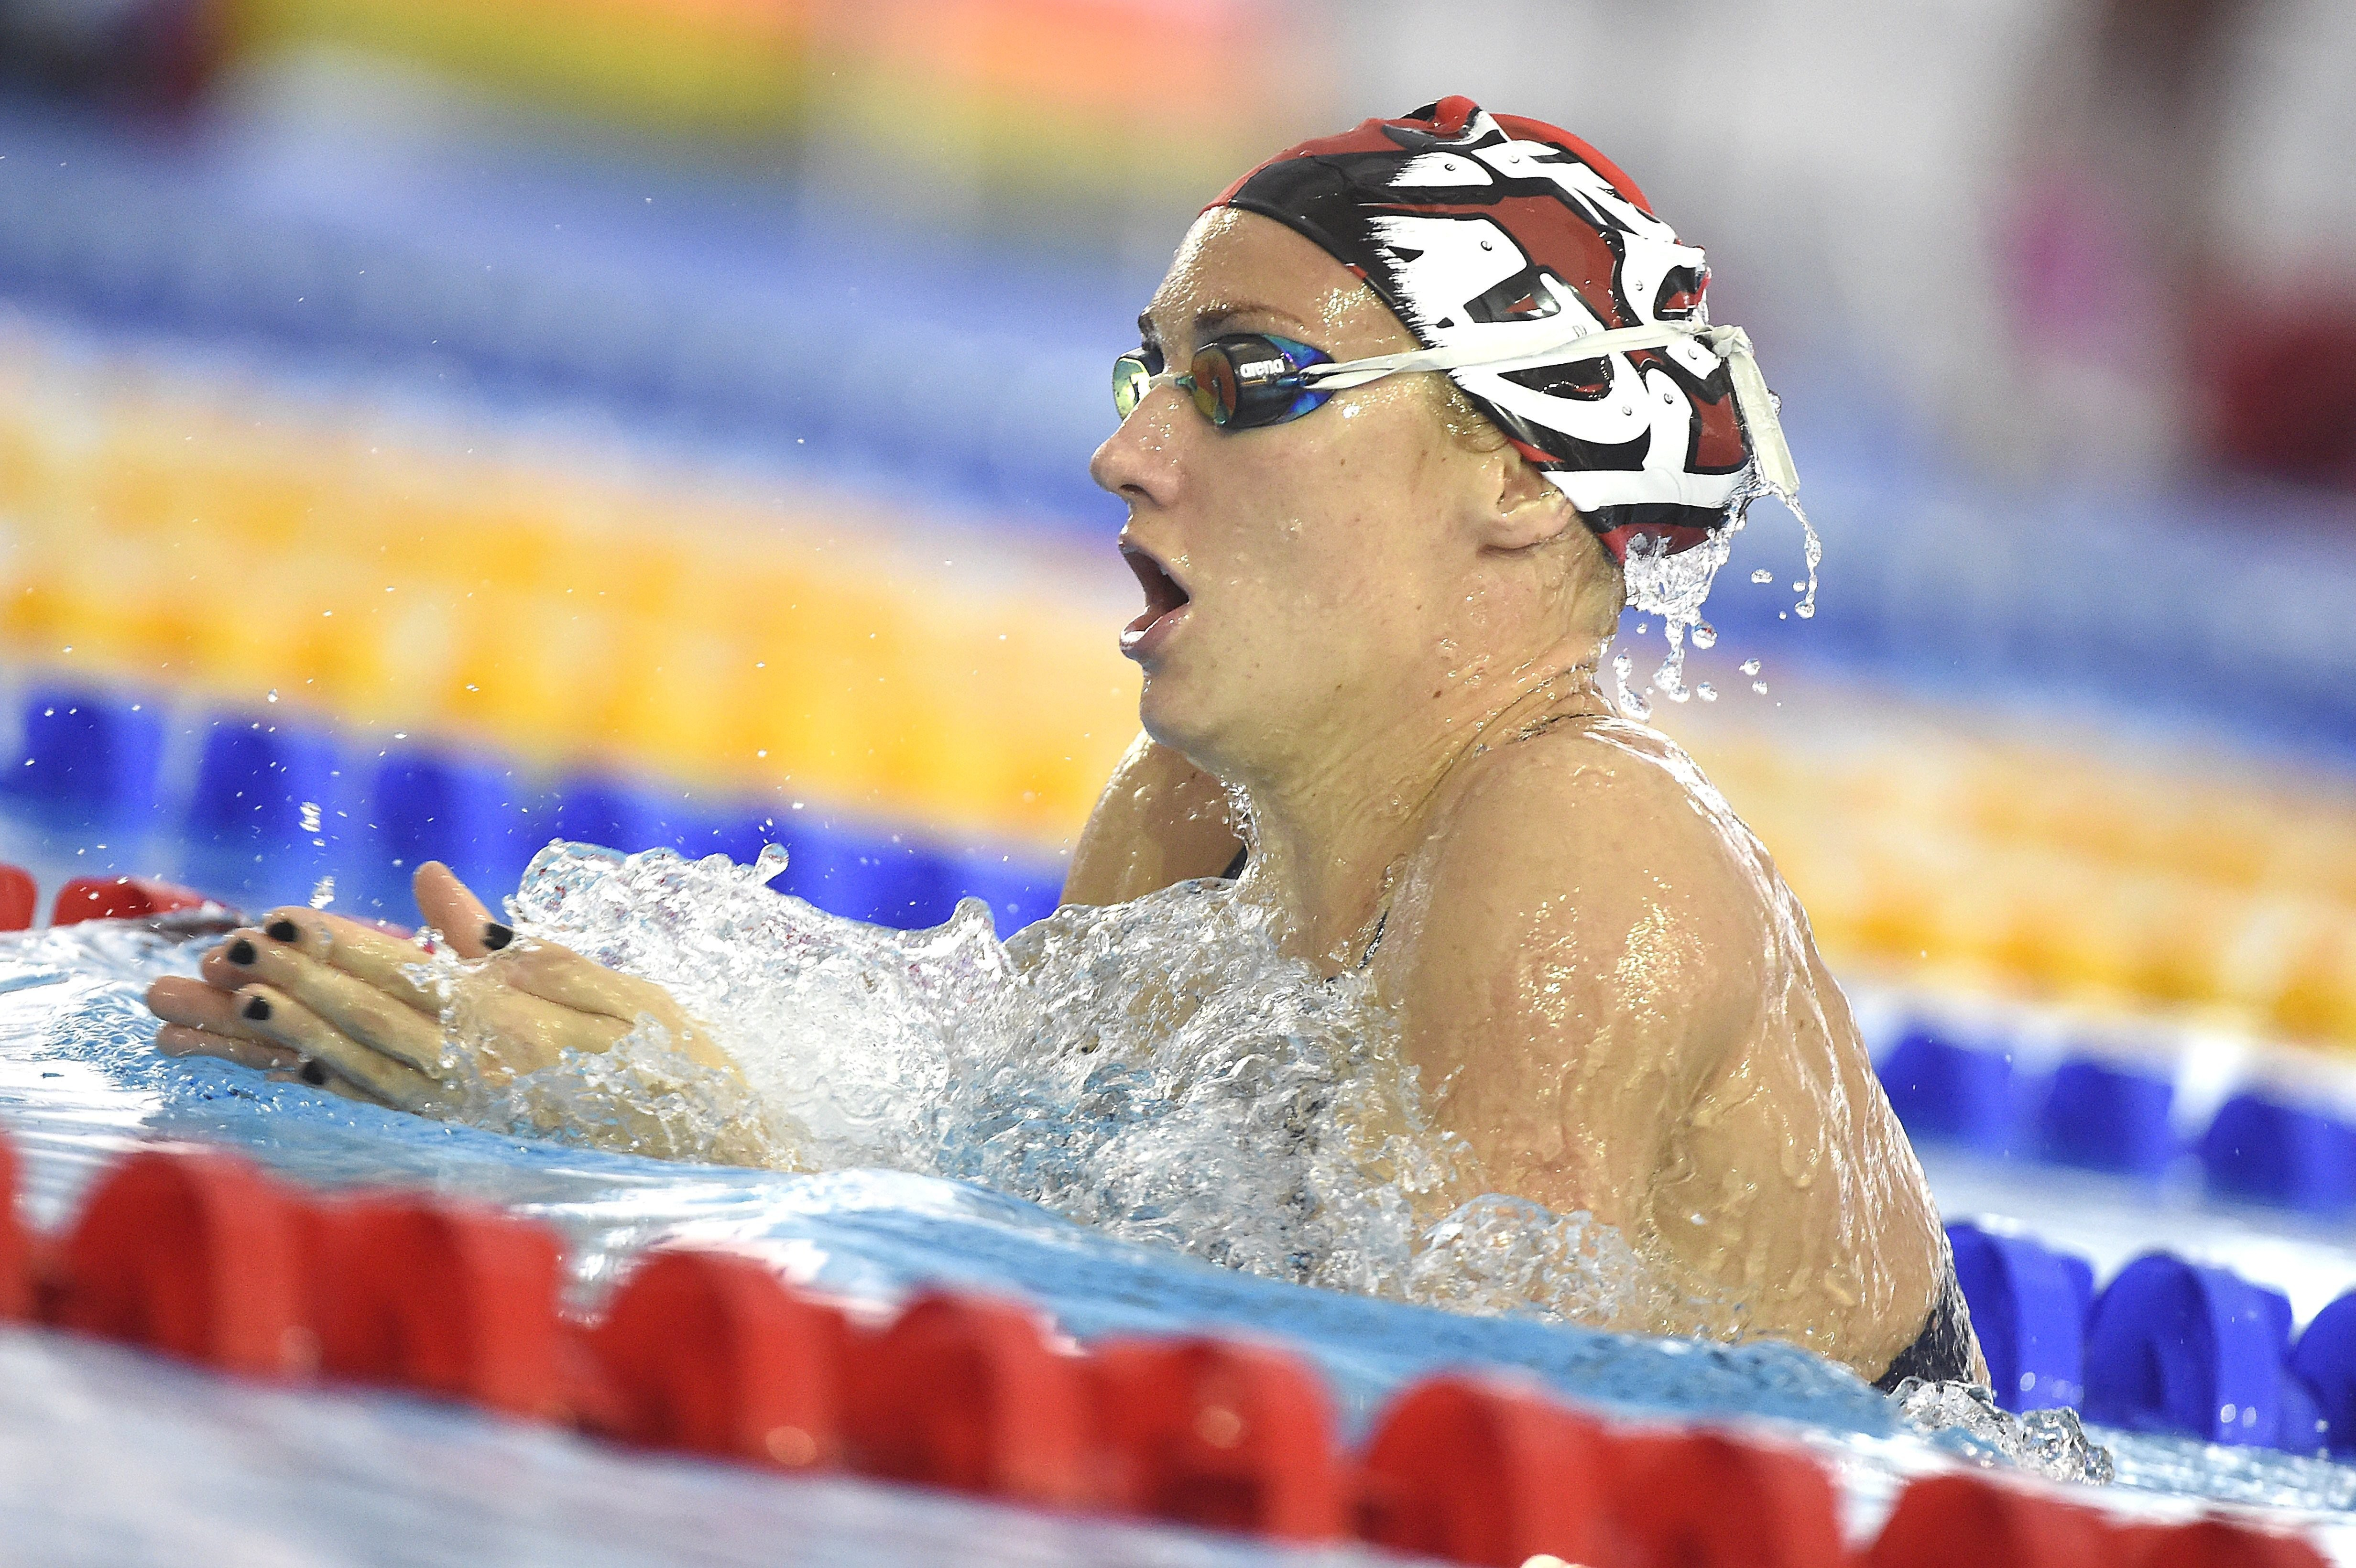 Rövidpályás úszó vk - Hosszú Katinka arany- és ezüstérmet szerzett Pekingben